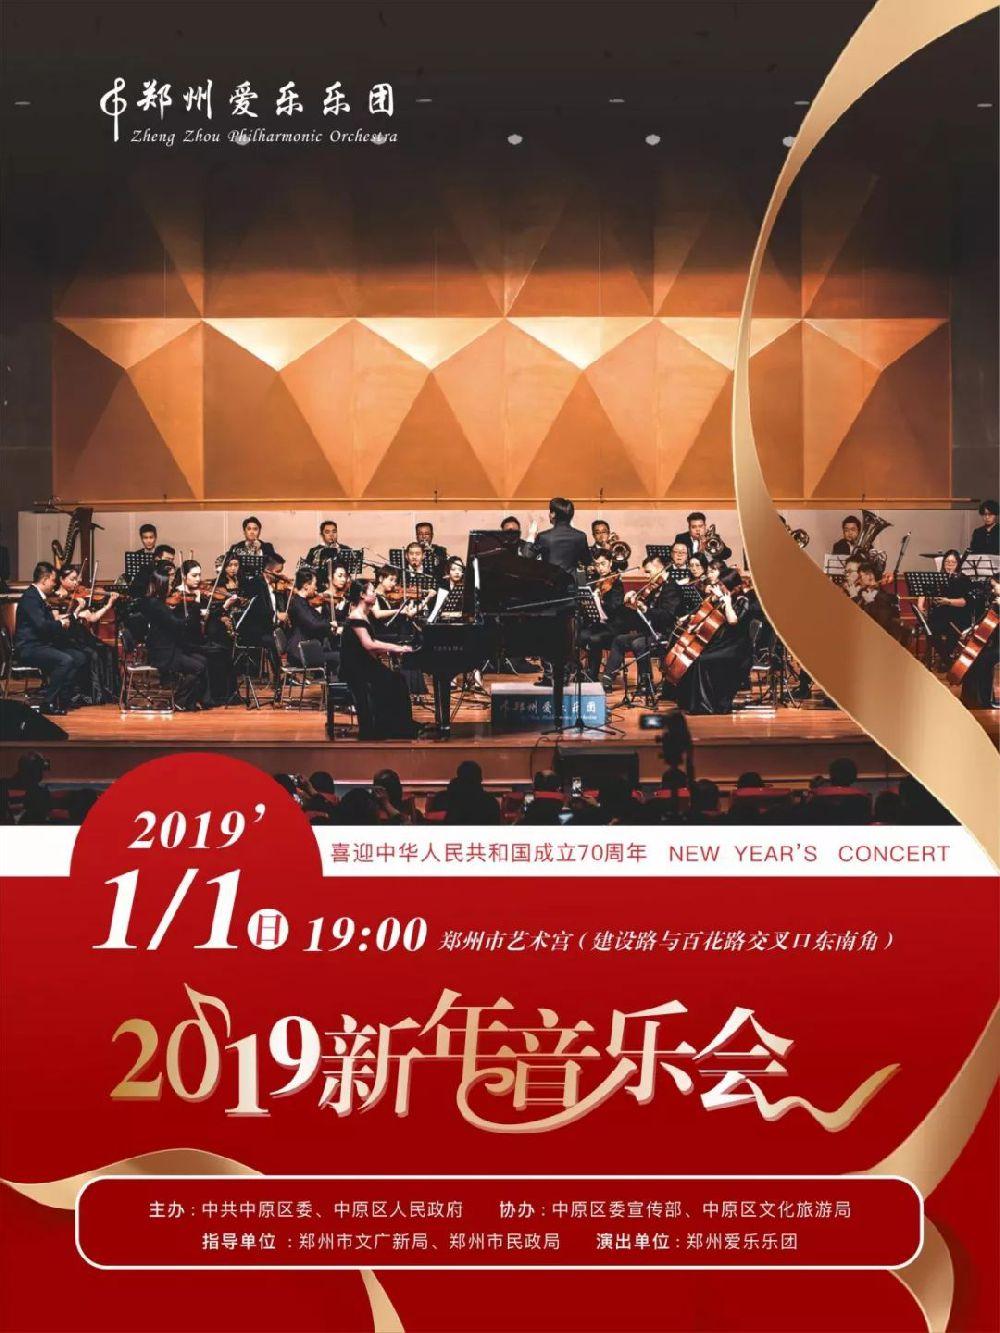 2019年郑州爱乐乐团新年音乐会(时间 安排 地点)